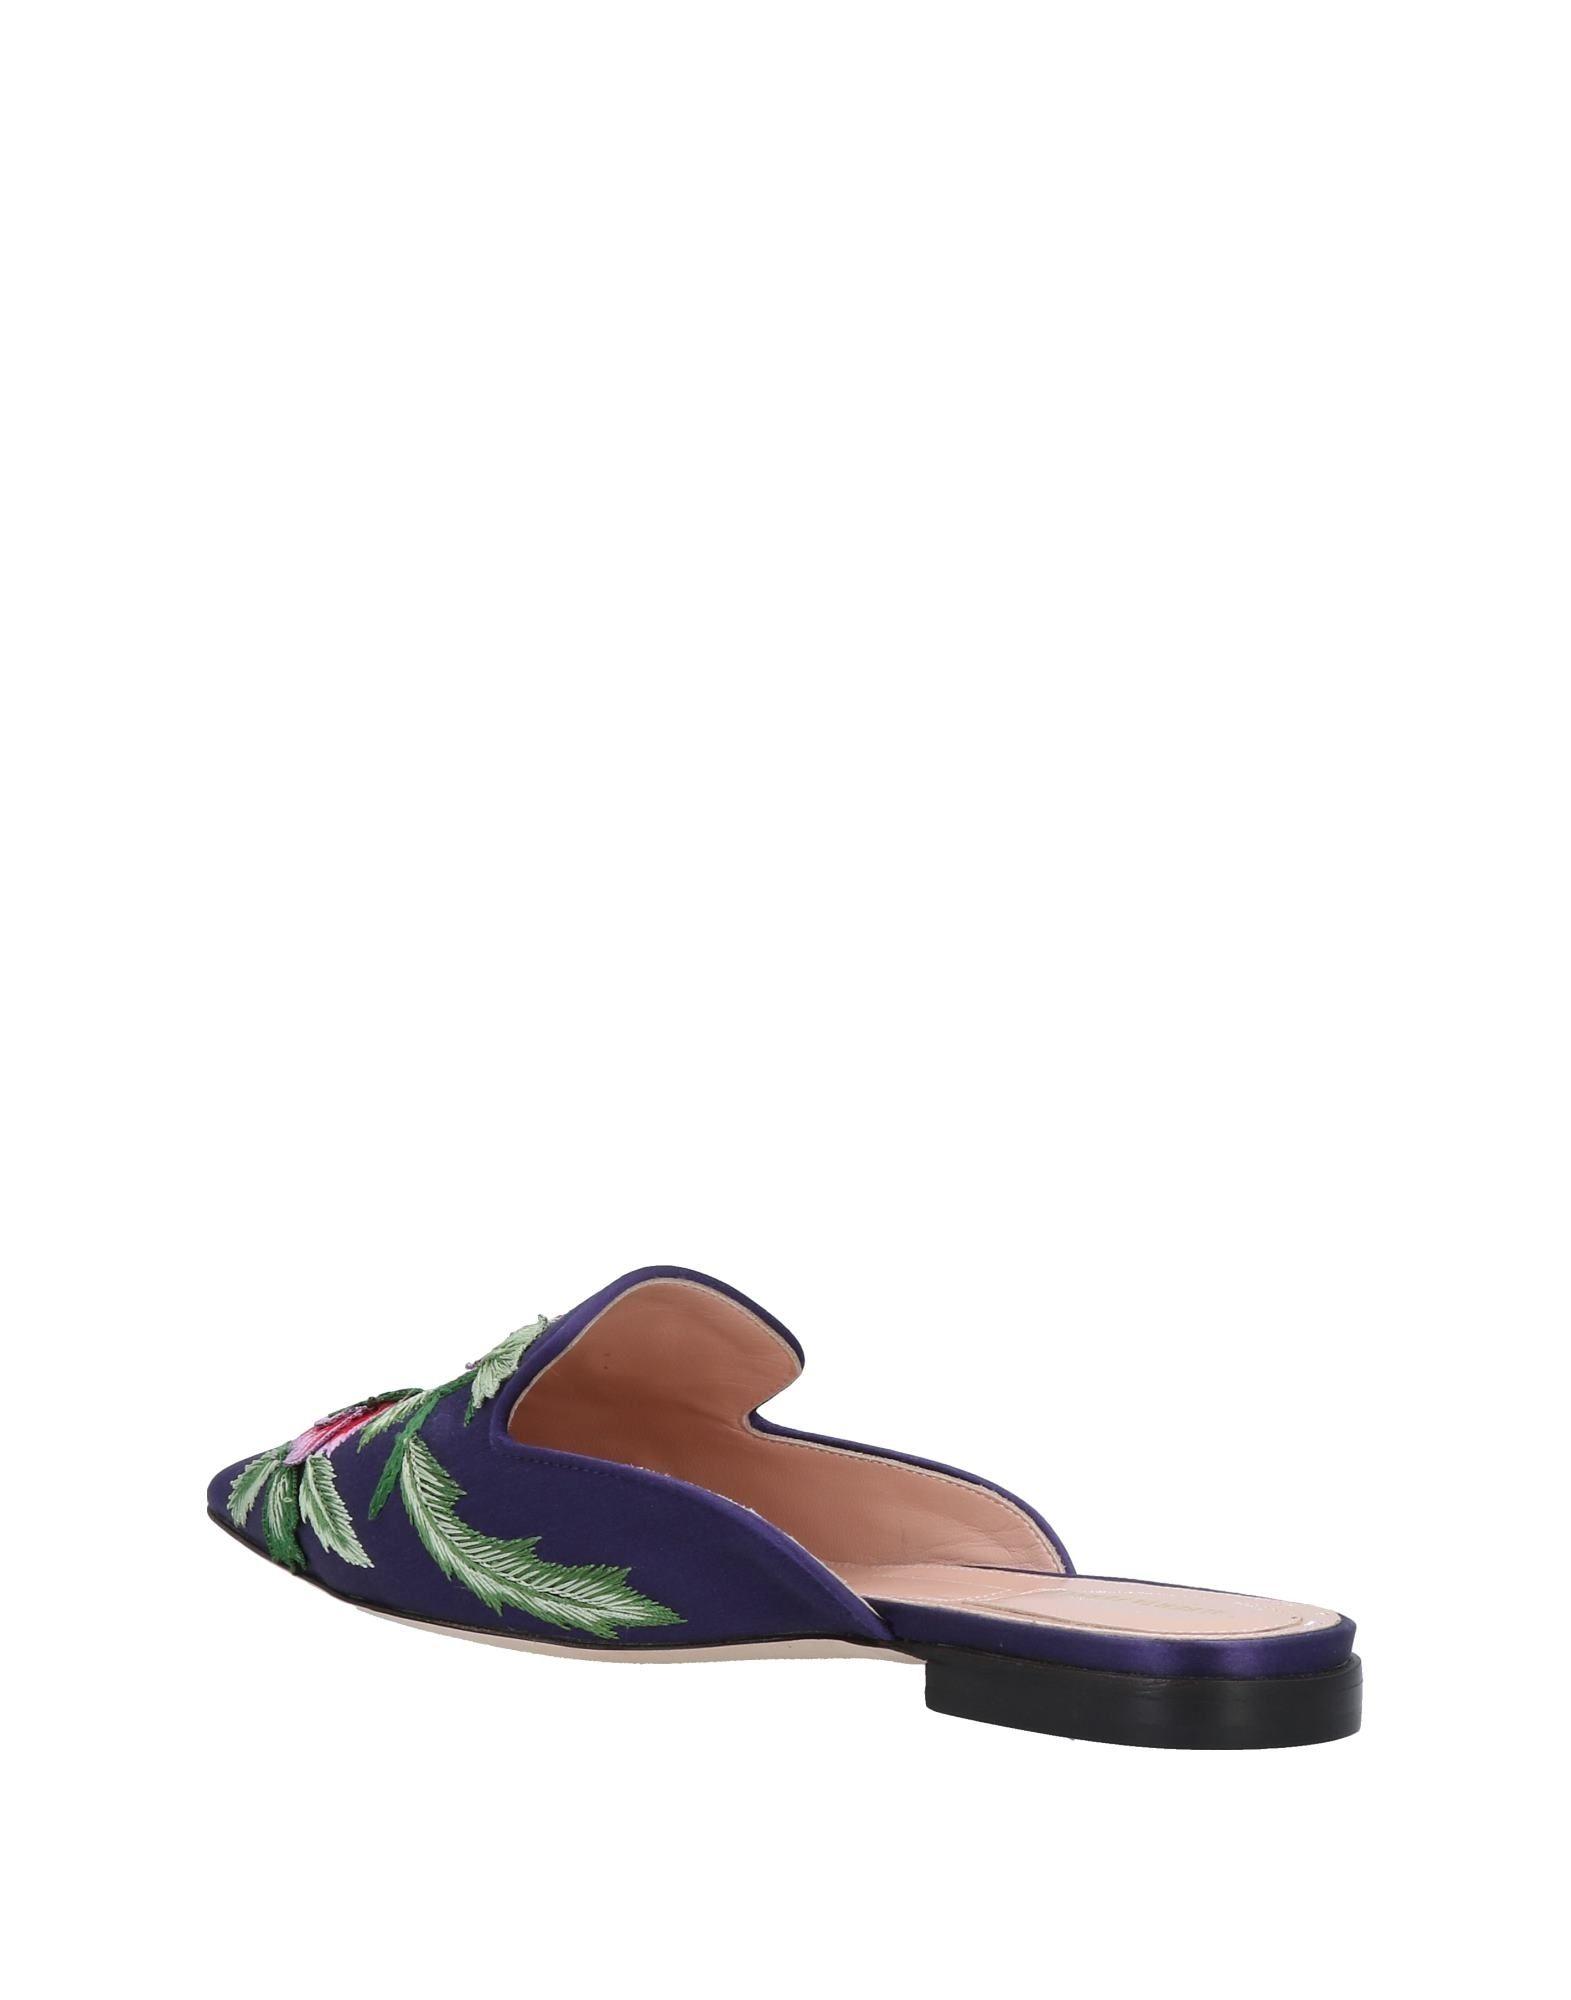 Rabatt Schuhe  Alberta Ferretti Pantoletten Damen  Schuhe 11494423KJ c16e5e